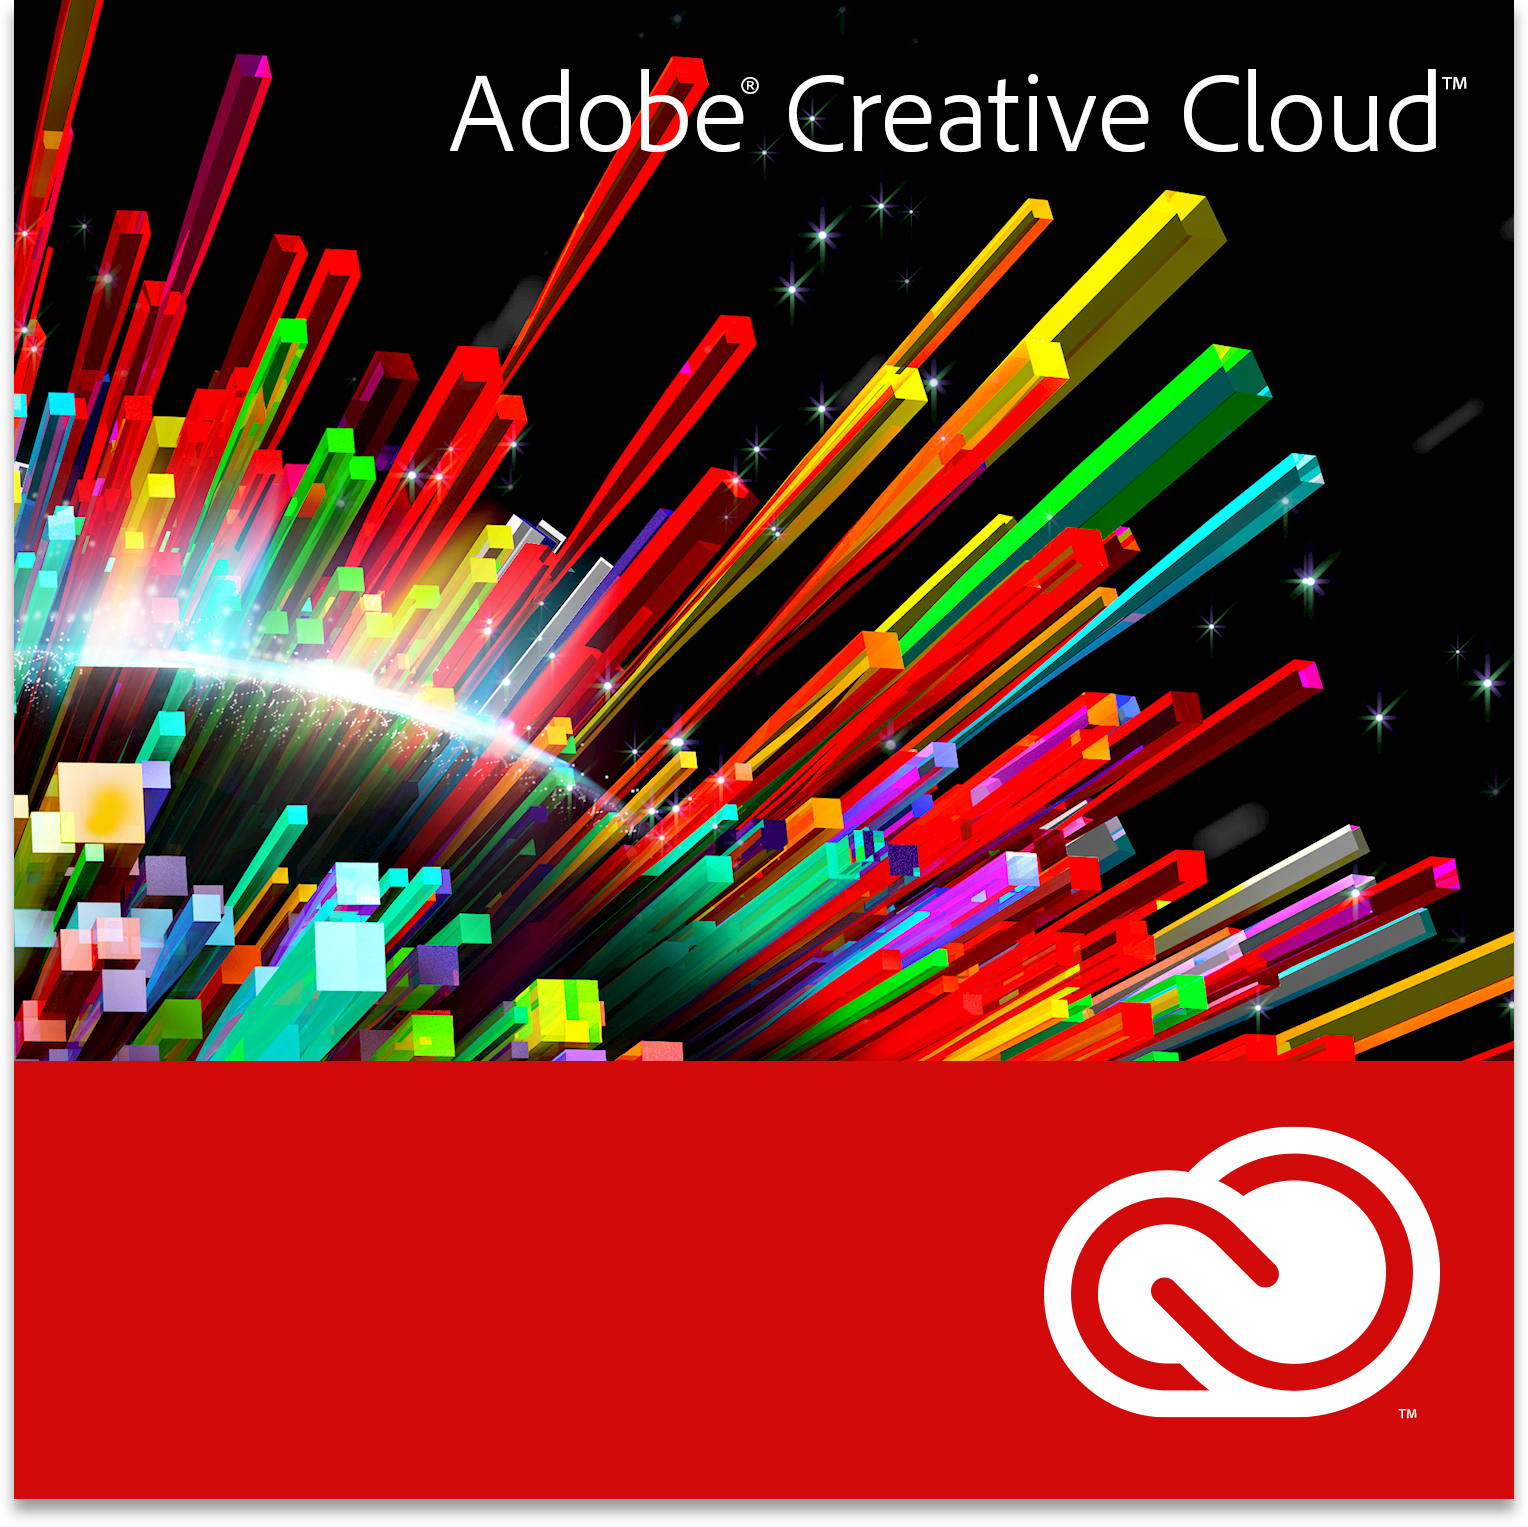 Creative Cloud, un sondaggio rivela che molti utenti sono scettici